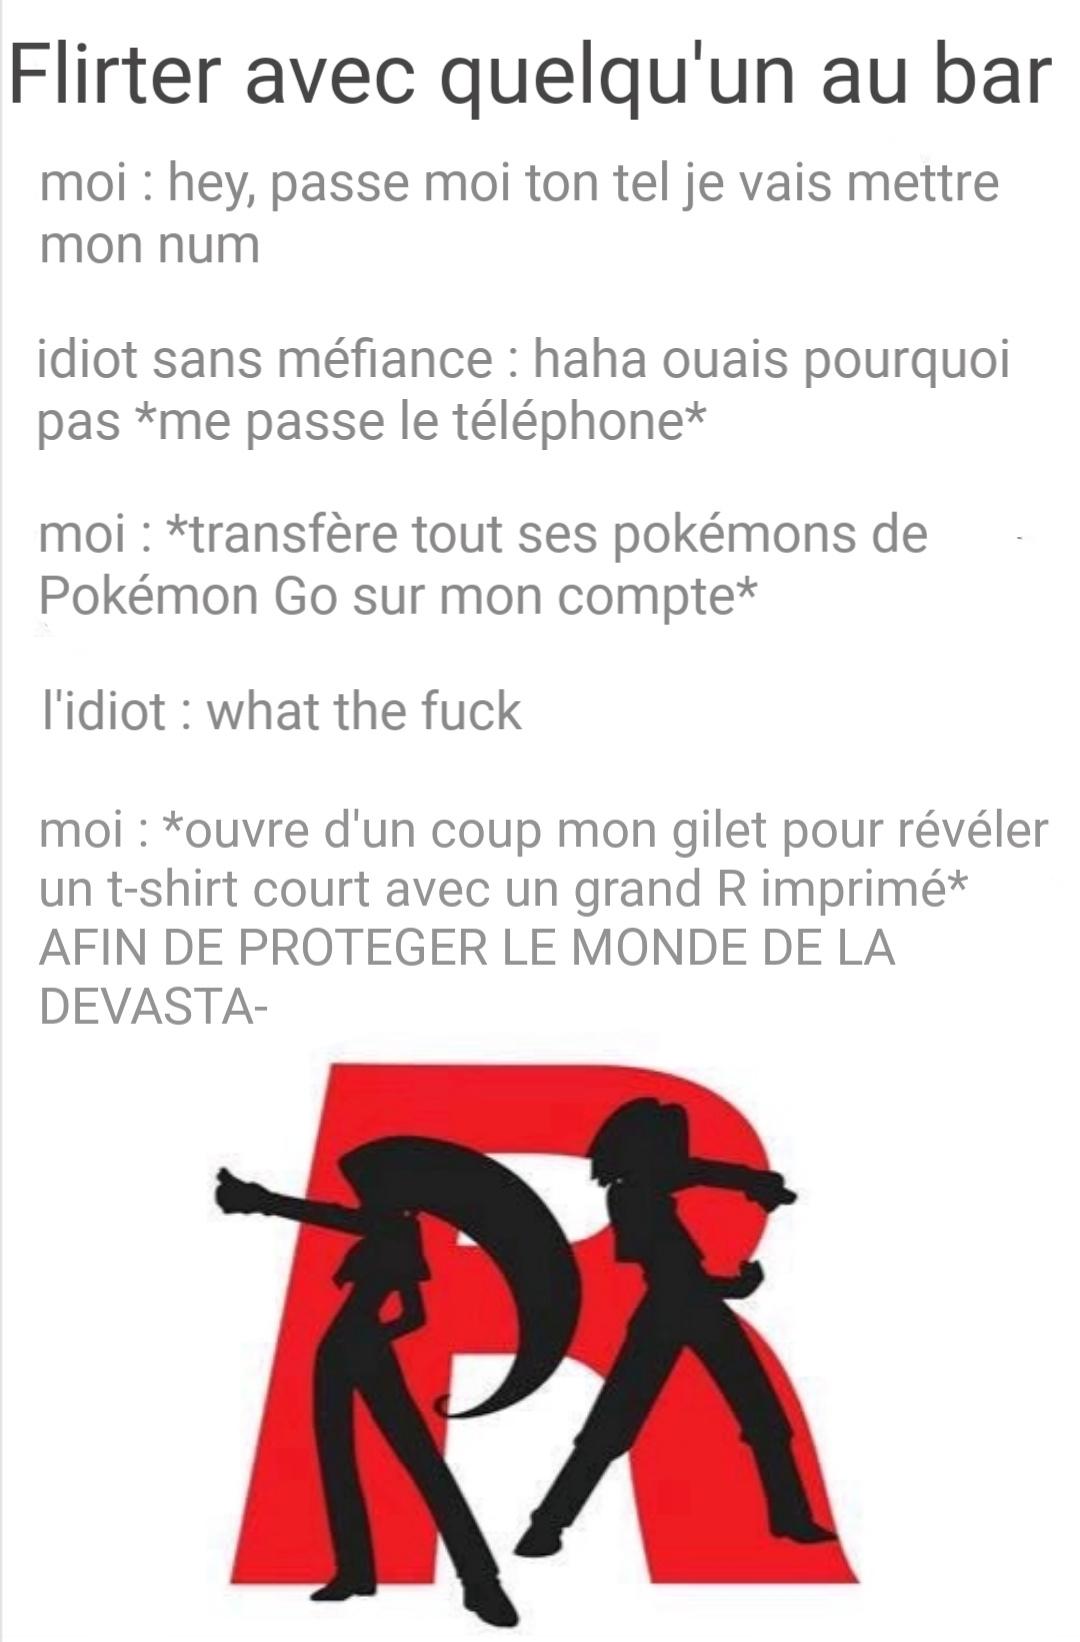 AFIN DE RALLIER TOUT LES PEUPLES A NOTRE NATION - meme